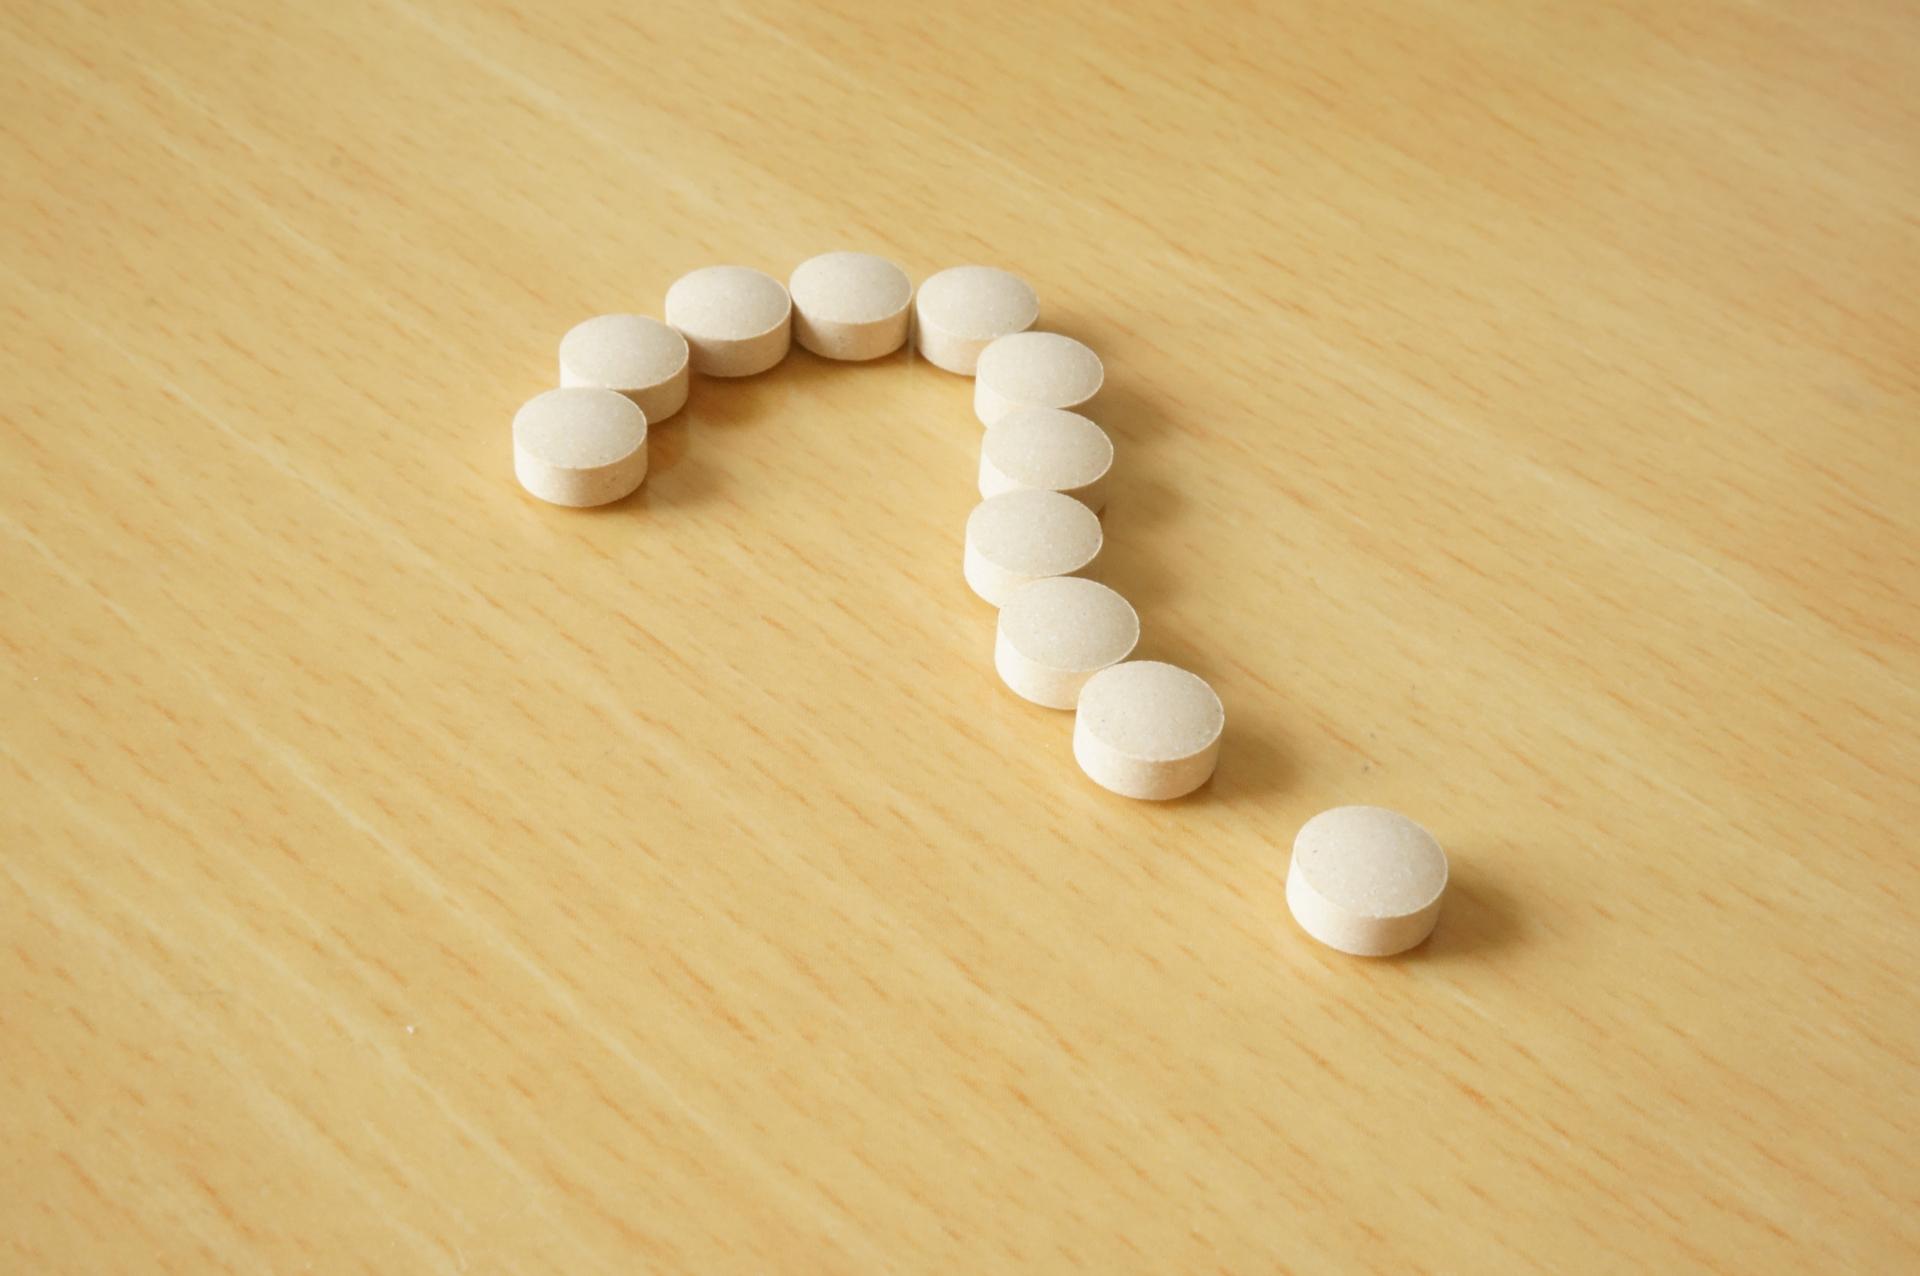 b6a32cdacd668fb8dd23b624fba641b5 m フィナステリドの次に登場したデュタステリドってどんな薬?